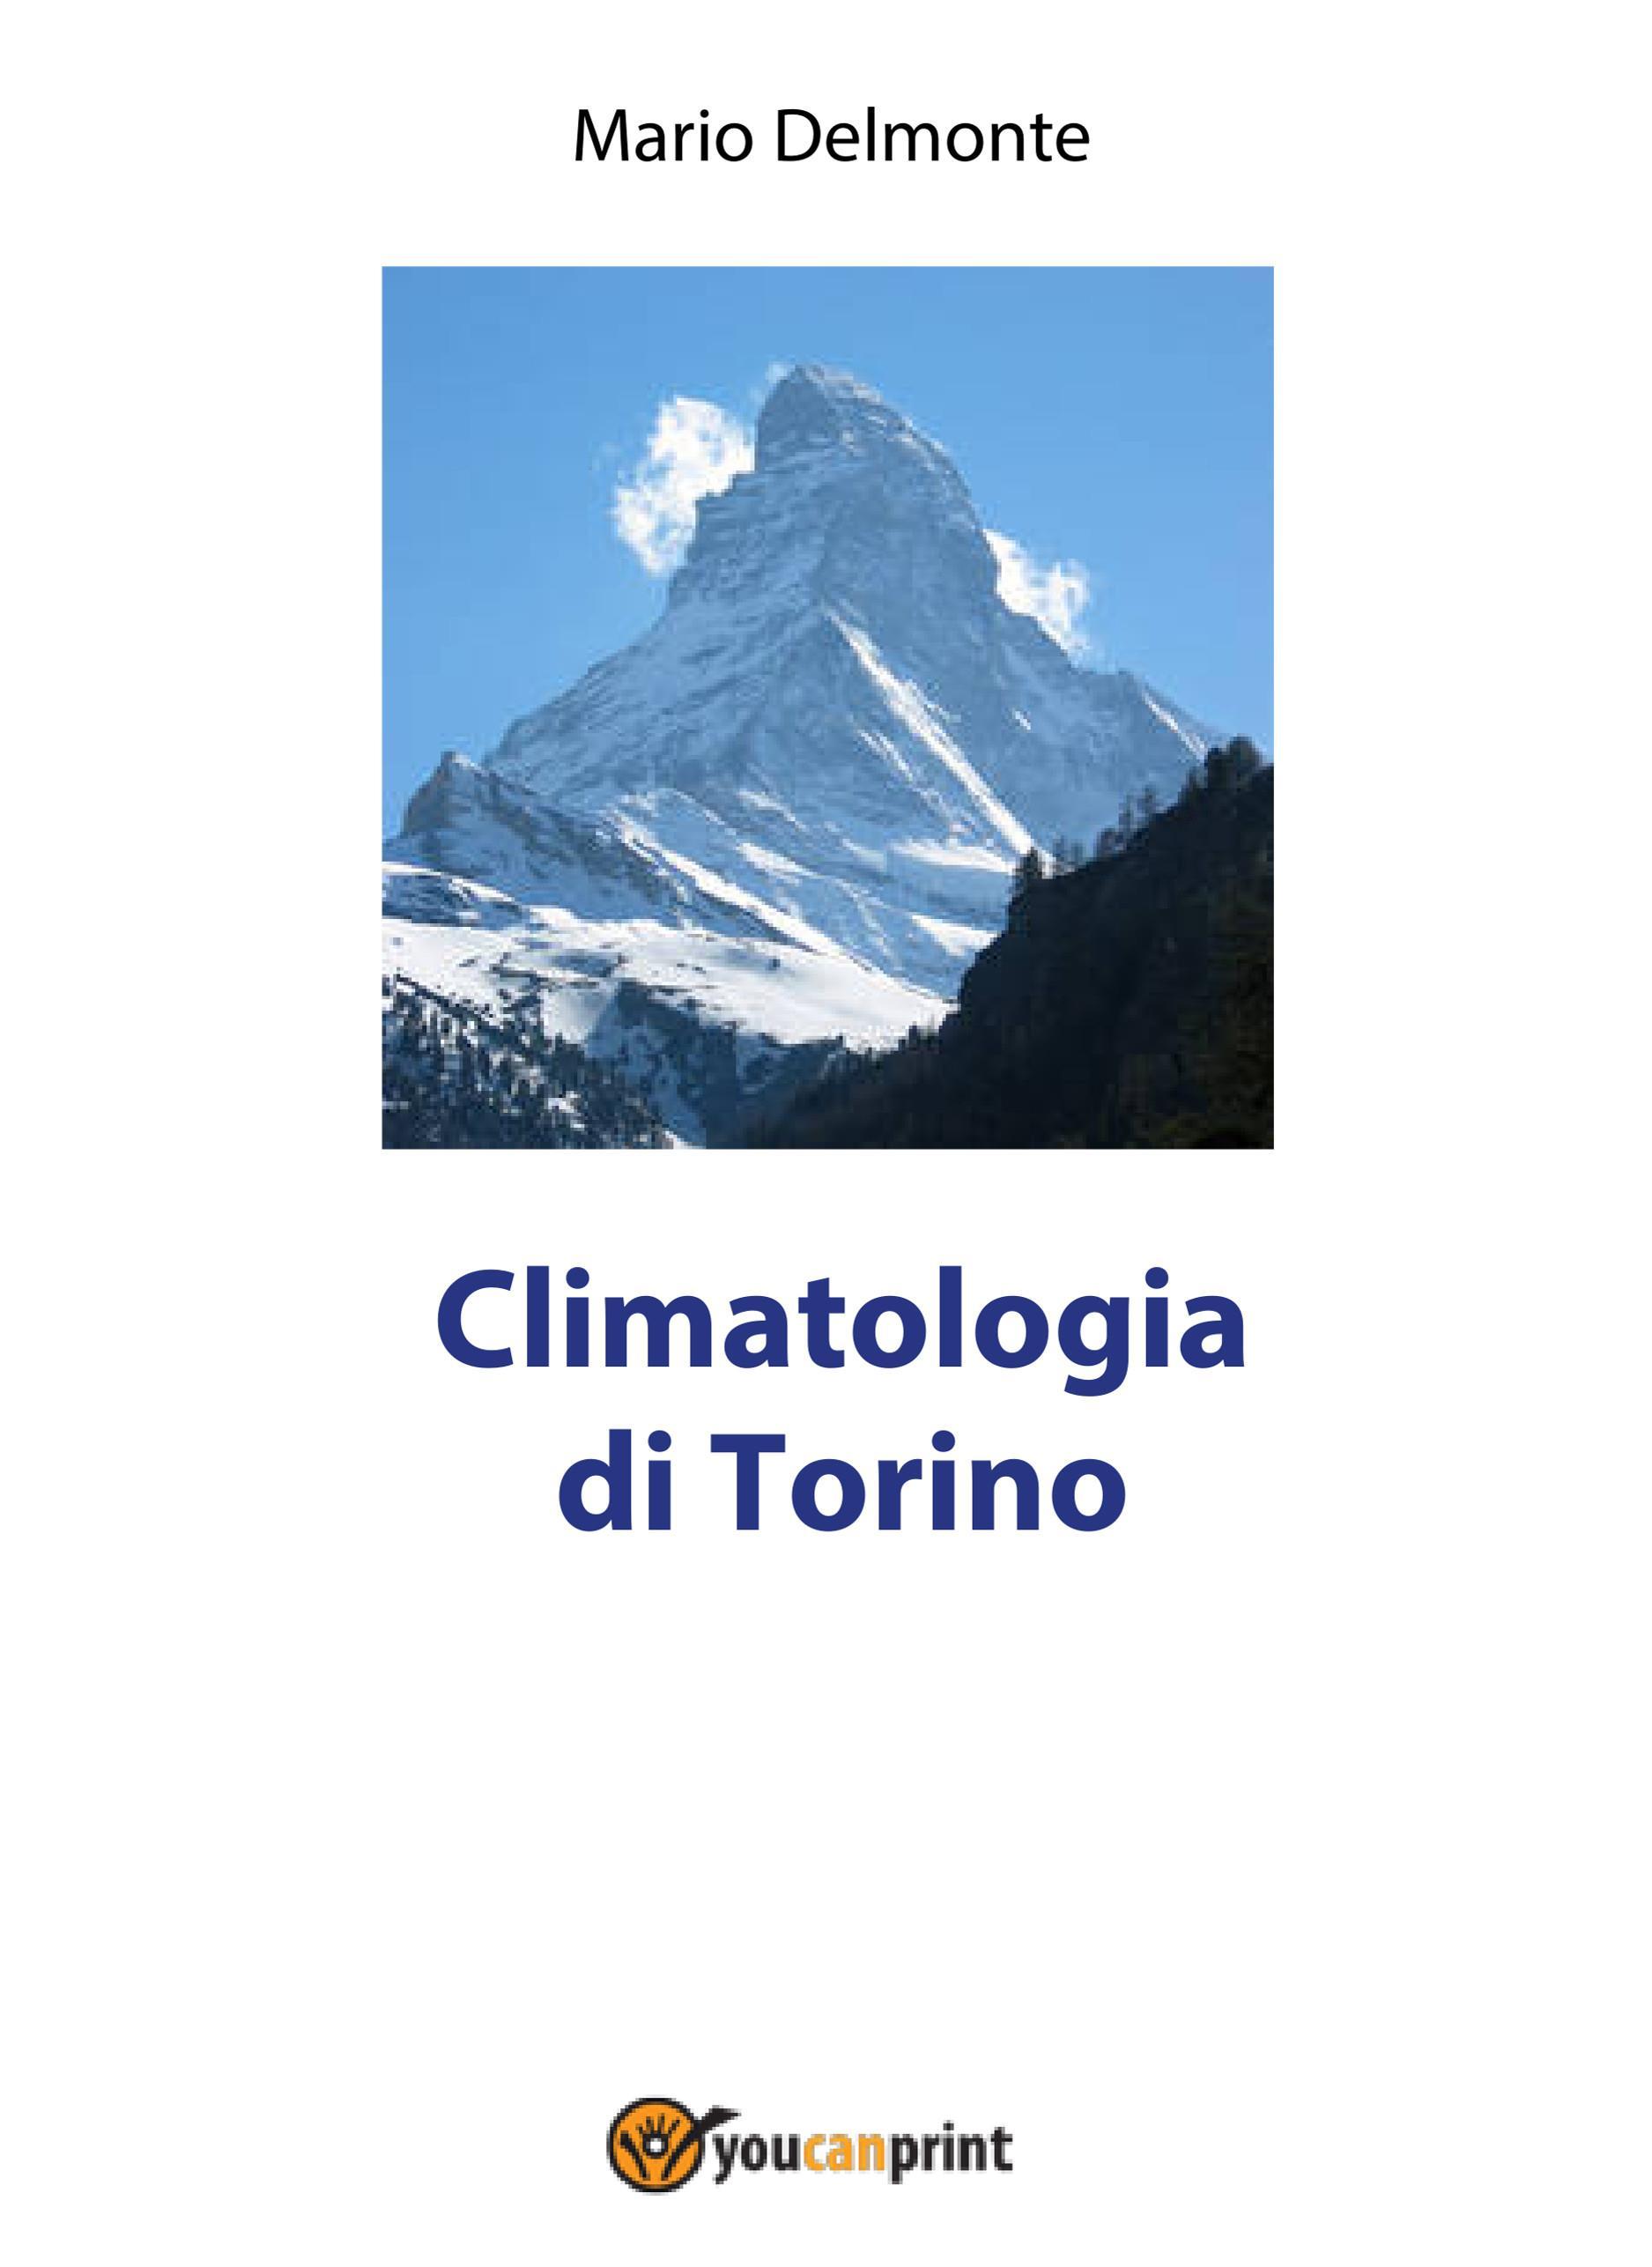 Climatologia di Torino